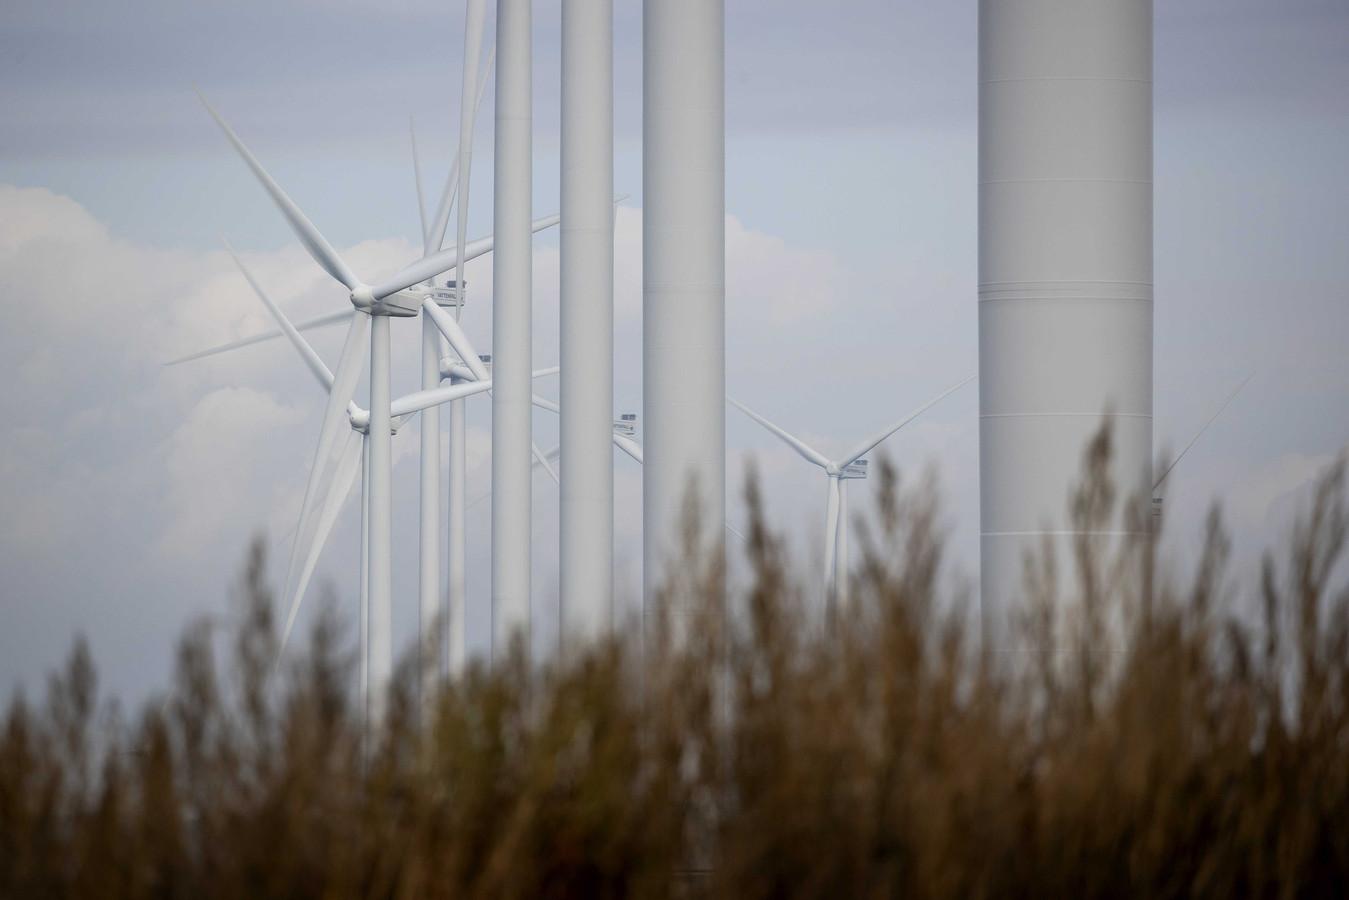 Duizenden vogels en vleermuizen worden gedood door de enorme wieken van windturbines.